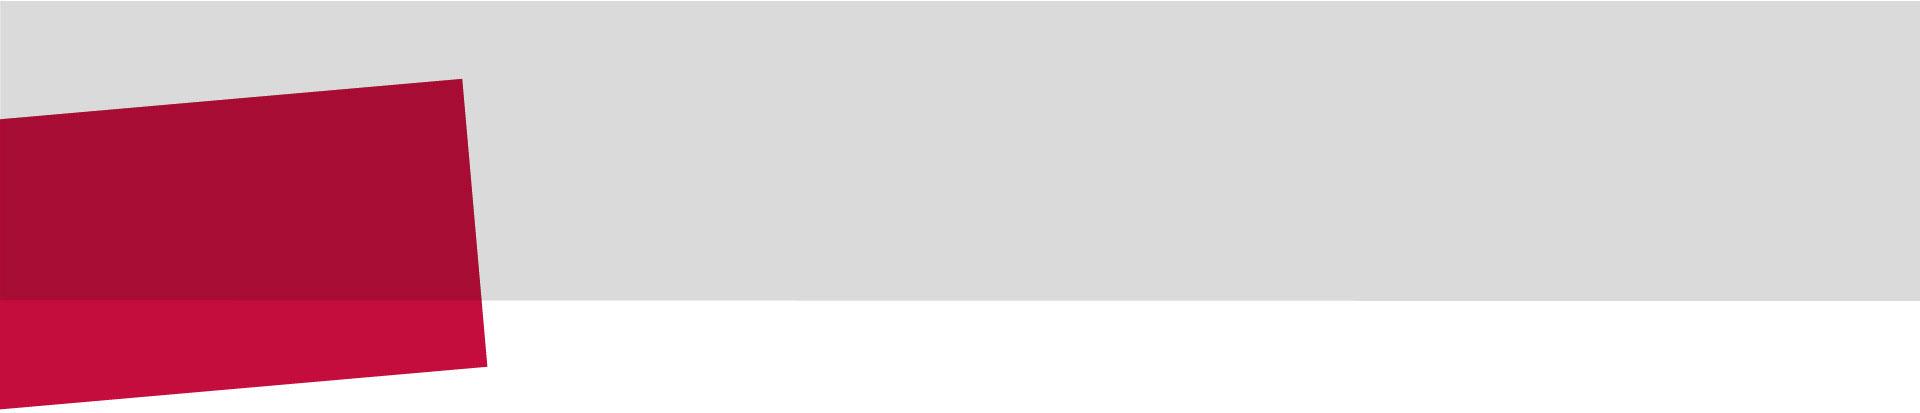 Neomec _ Sistemi automatici per Lavorazioni speciali banner prod int